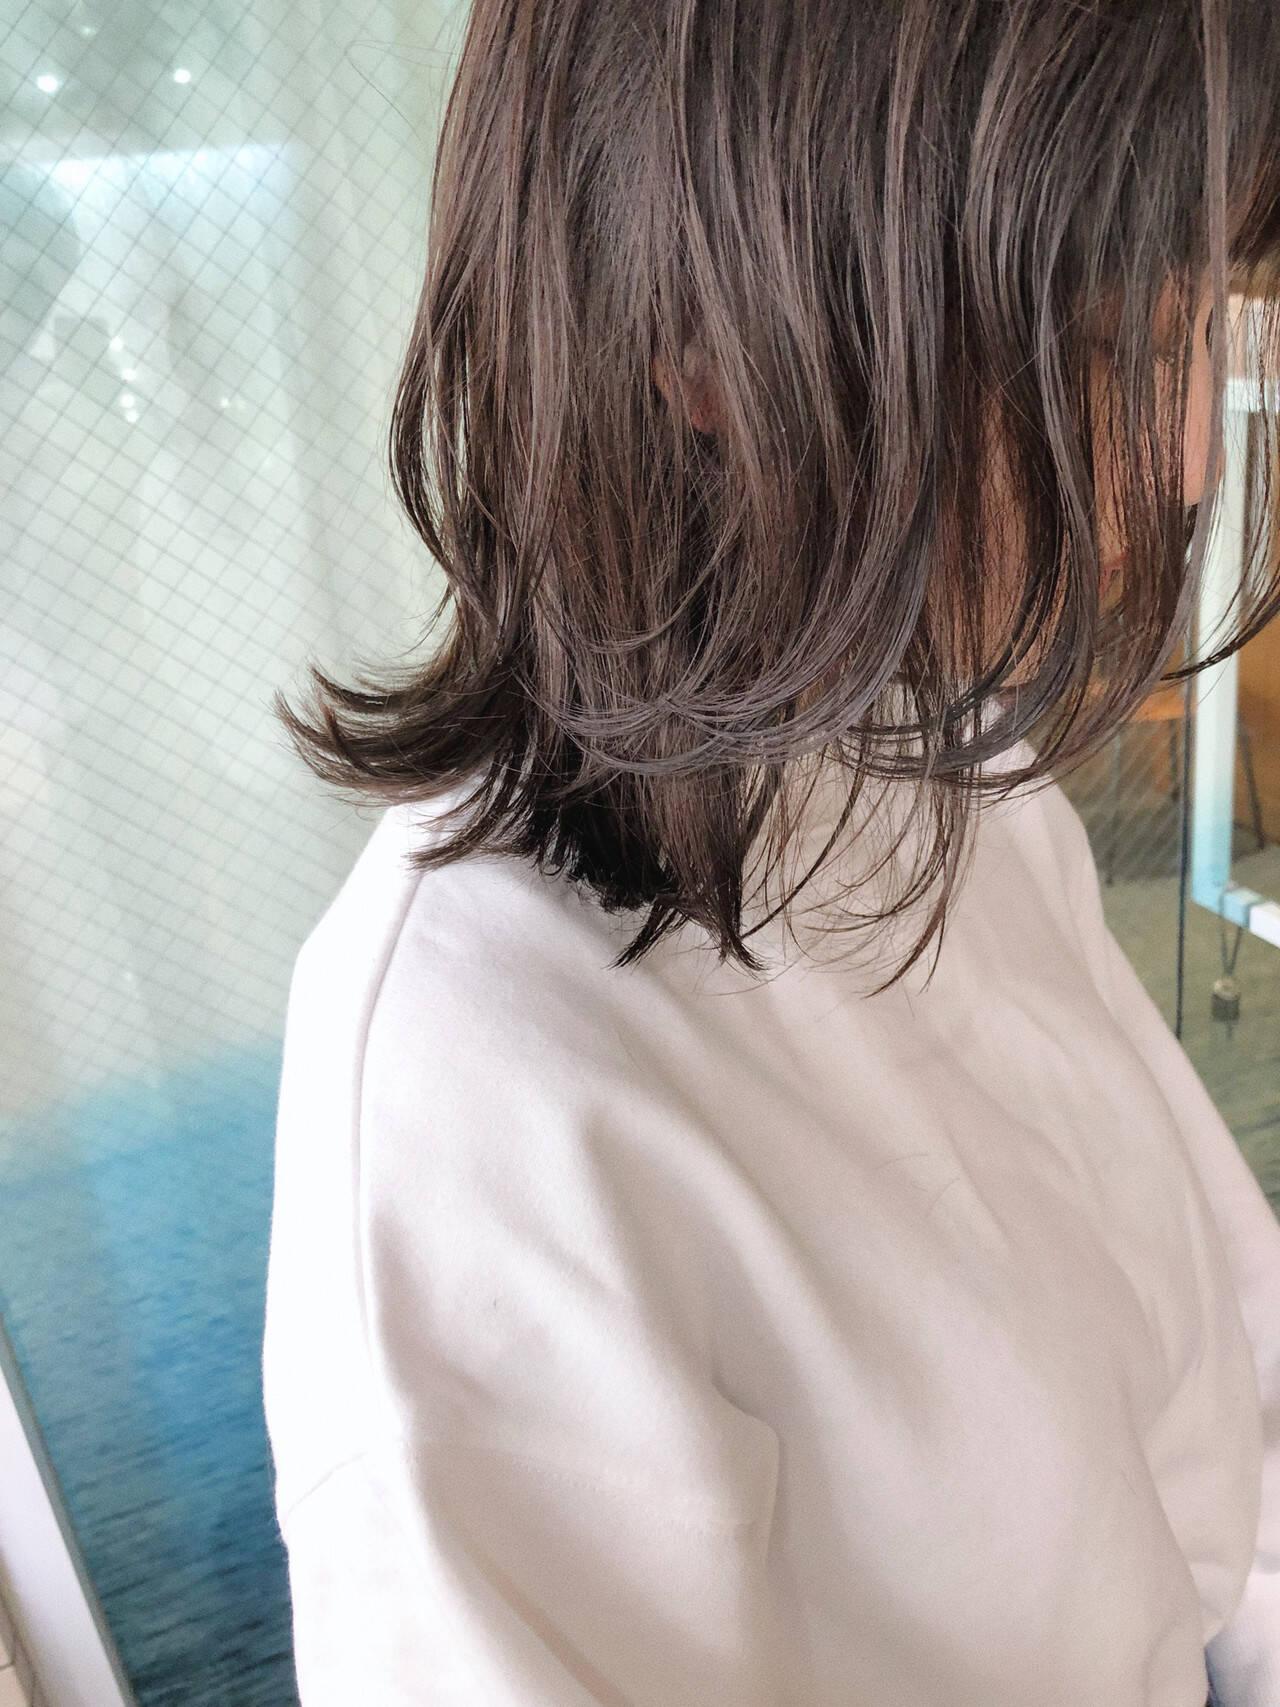 ミディアムレイヤー ウルフカット ナチュラルウルフ レイヤーカットヘアスタイルや髪型の写真・画像